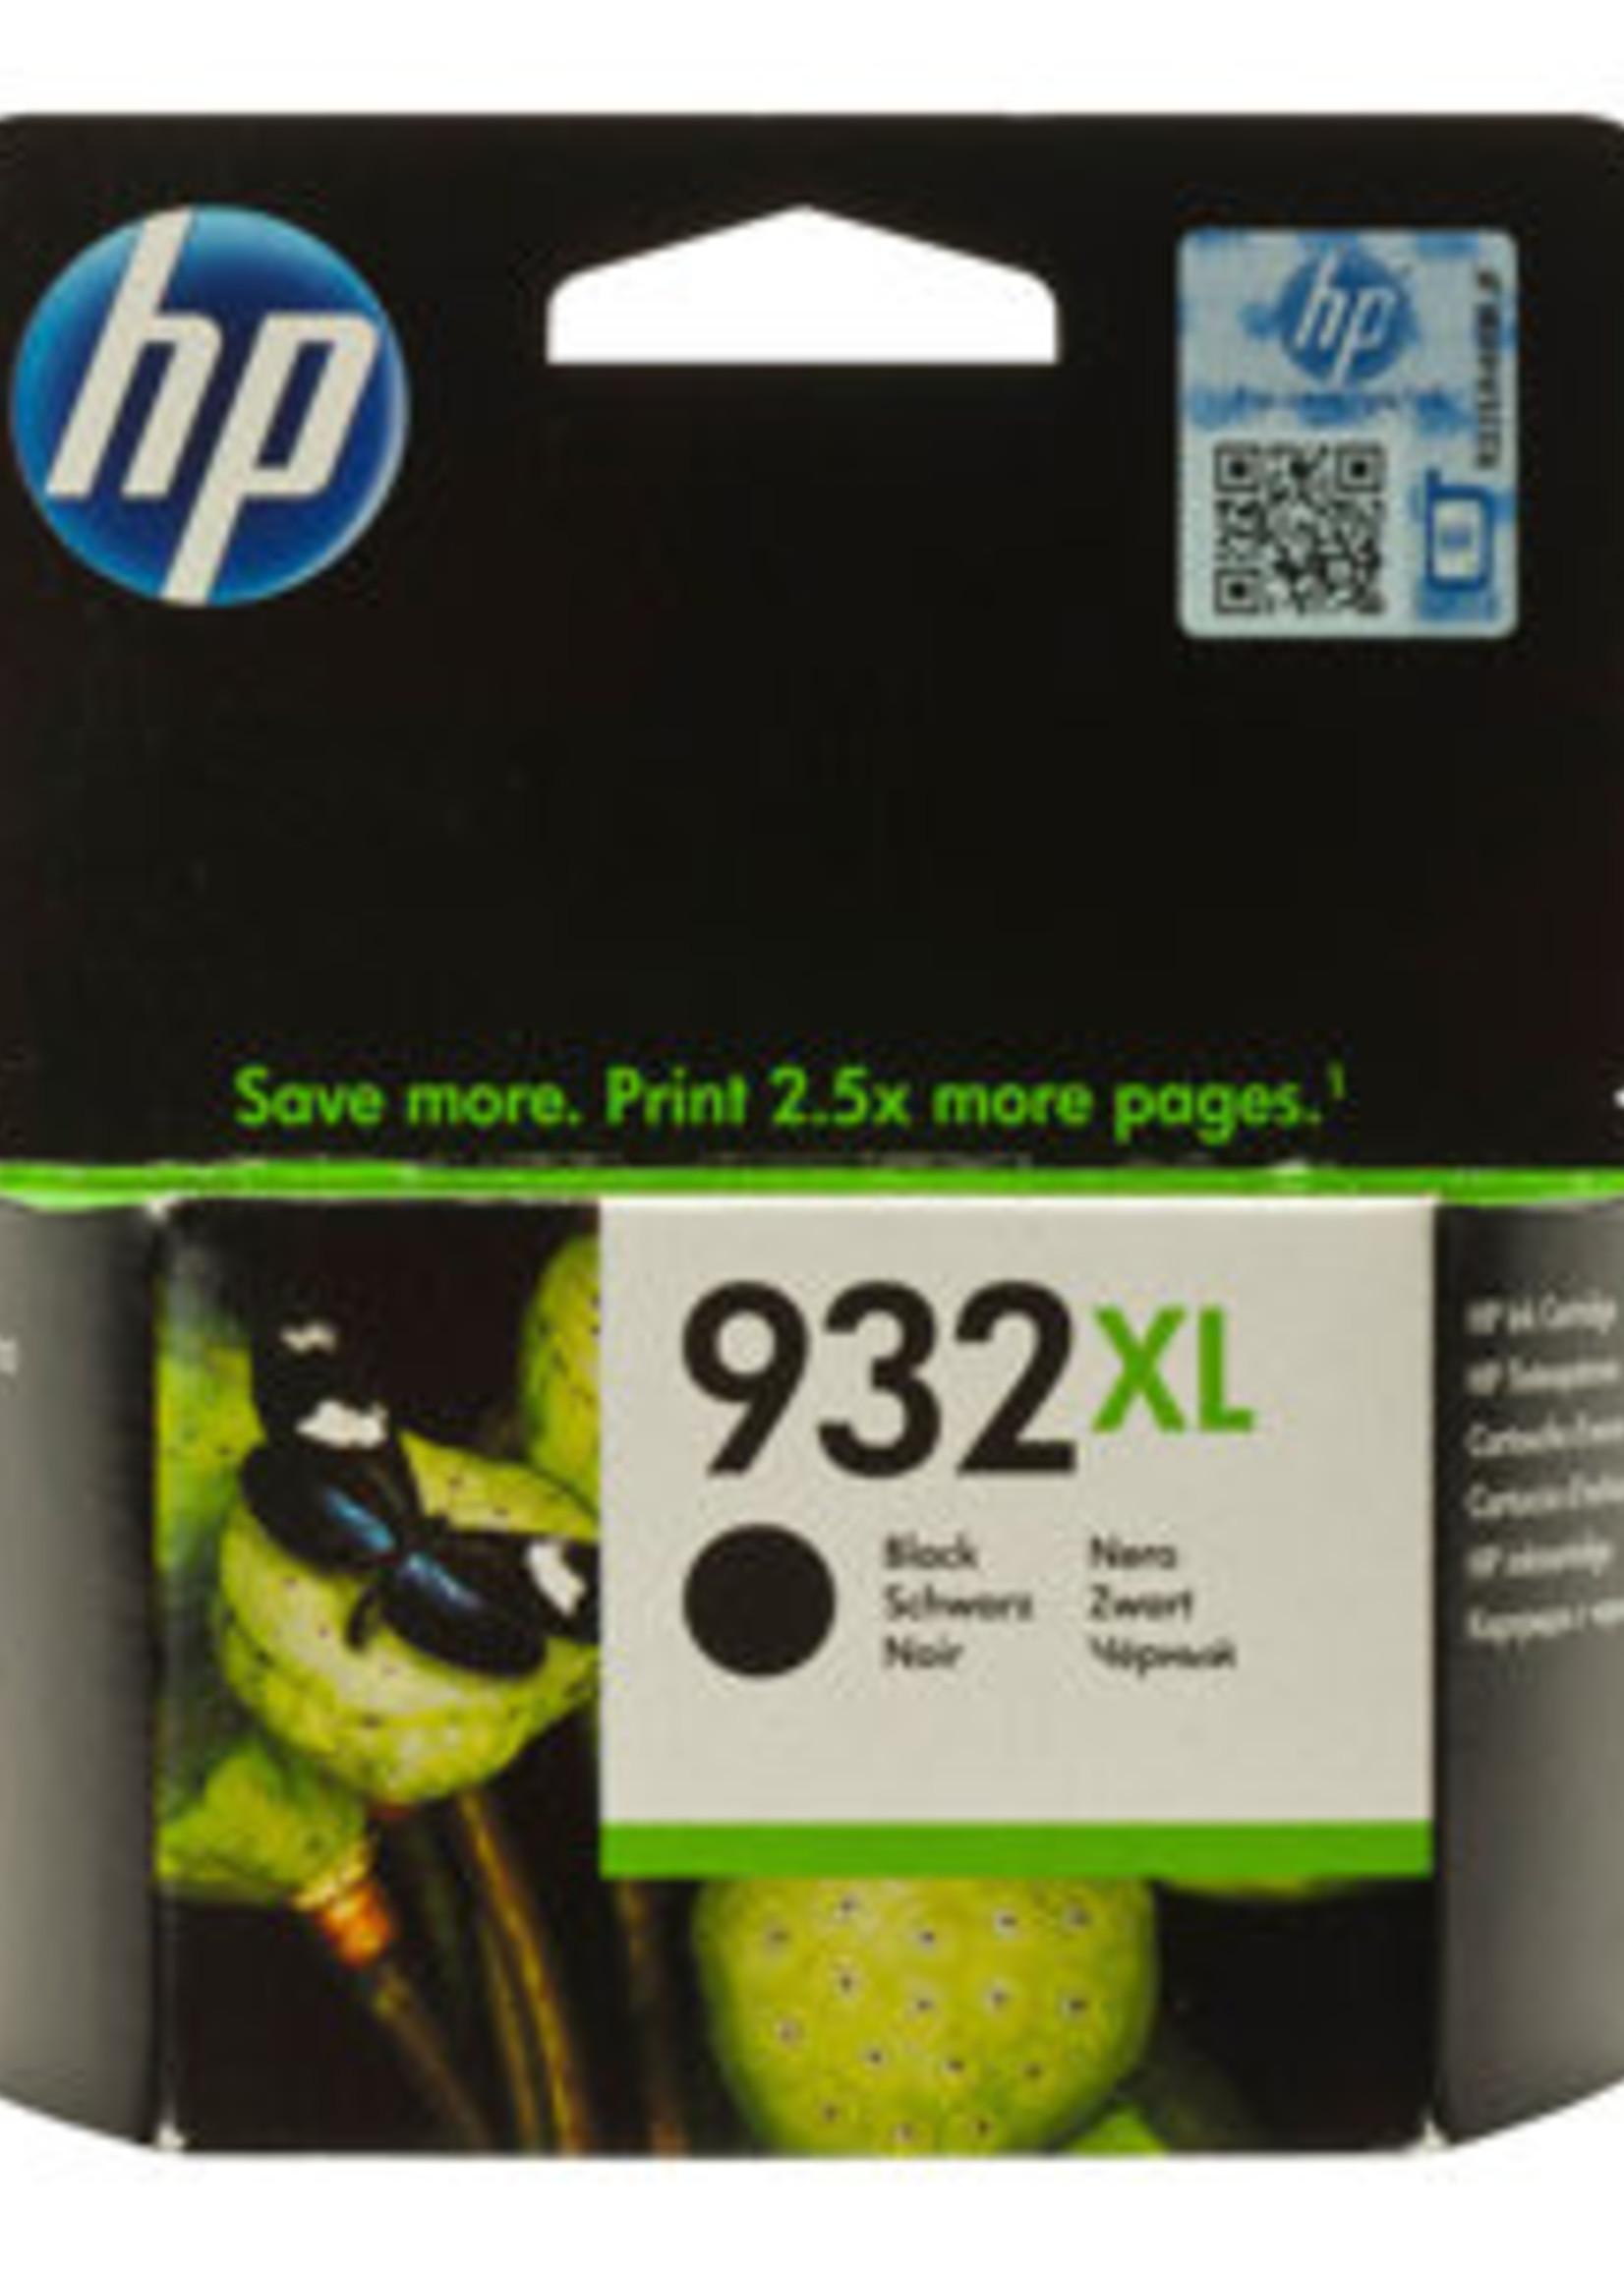 HP HP 932XL Black